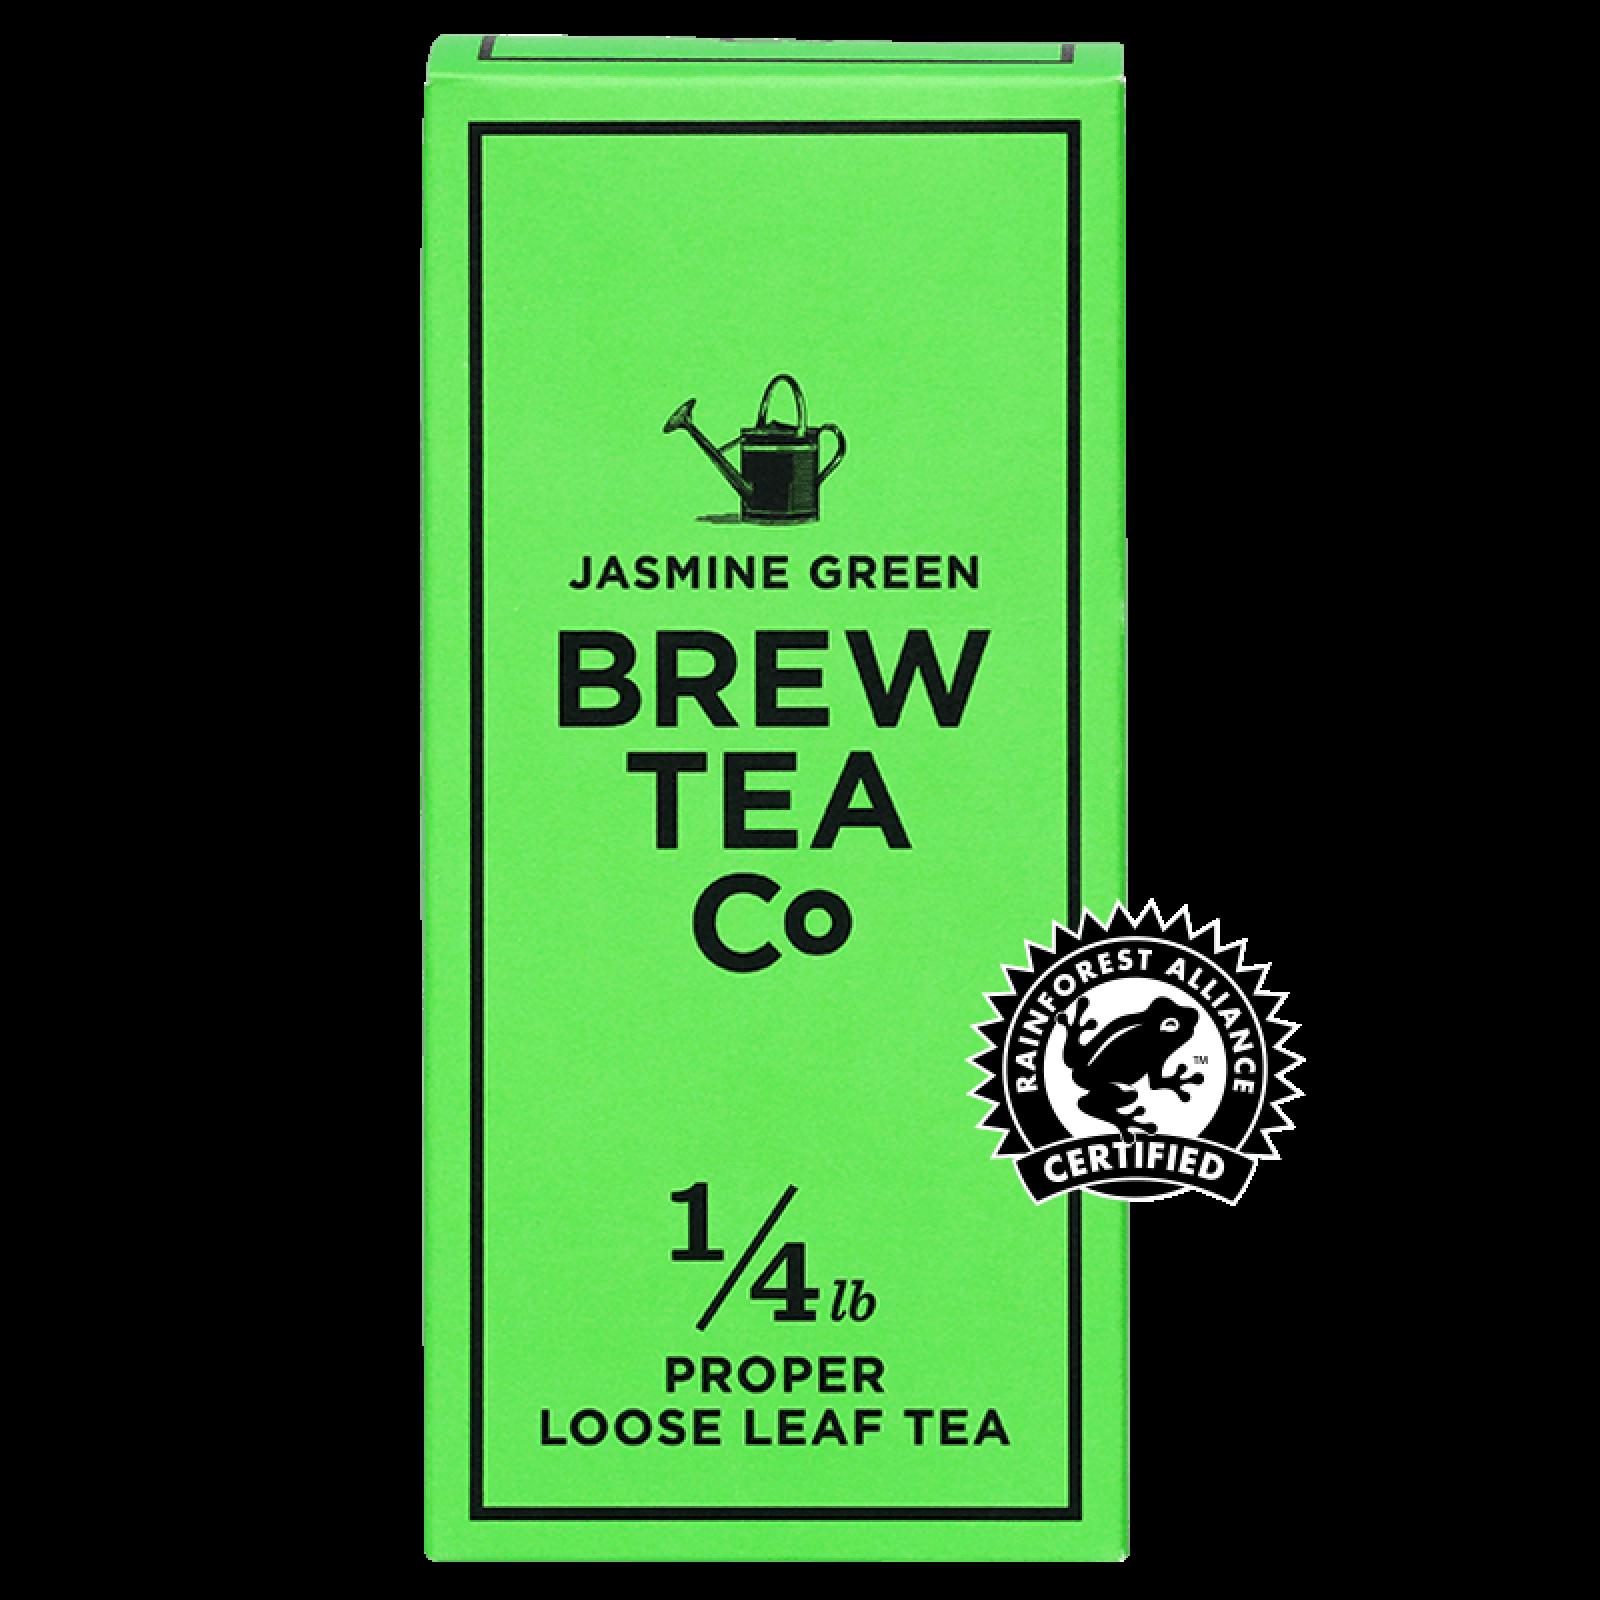 Jasmine Green - Loose Leaf Tea 113g Brew Tea Co